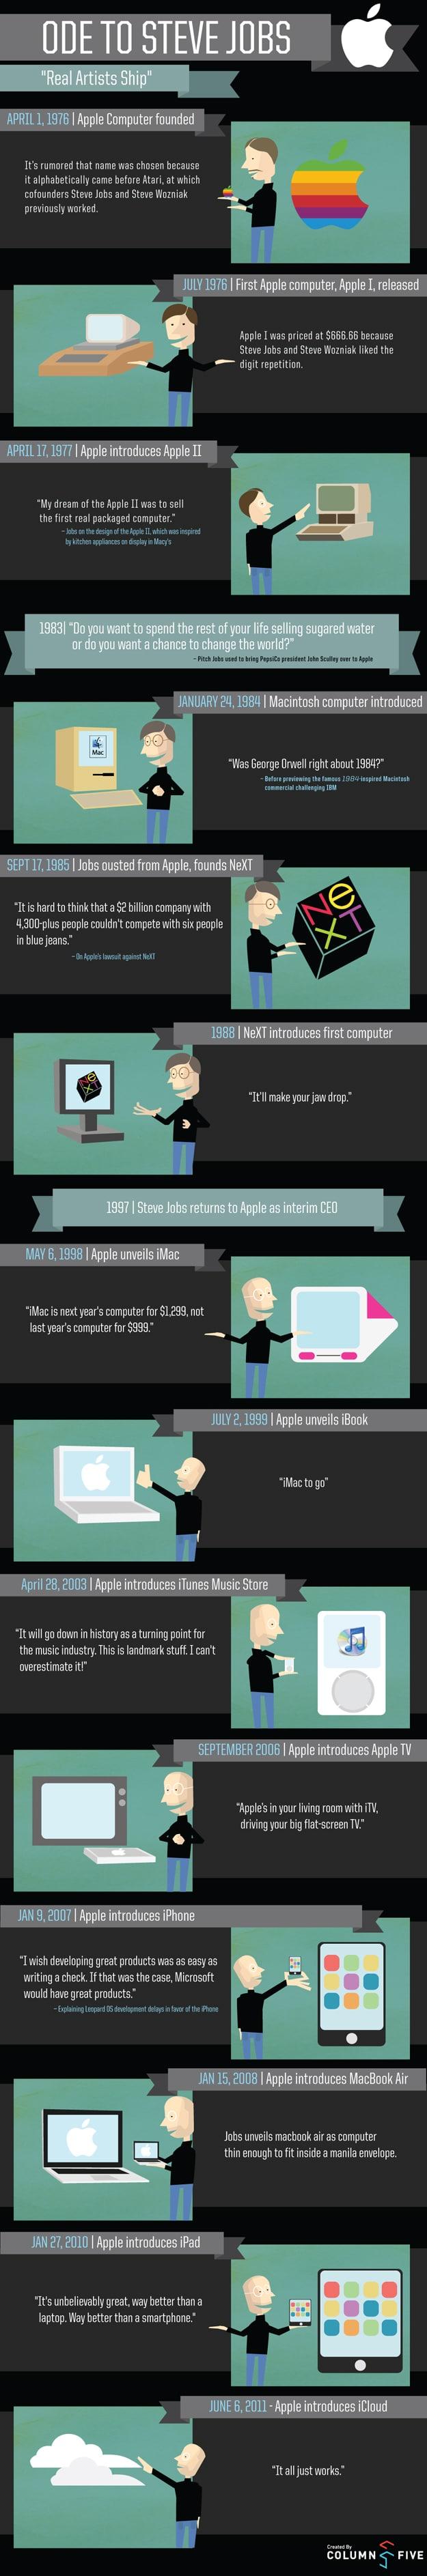 Memories Of Steve Jobs